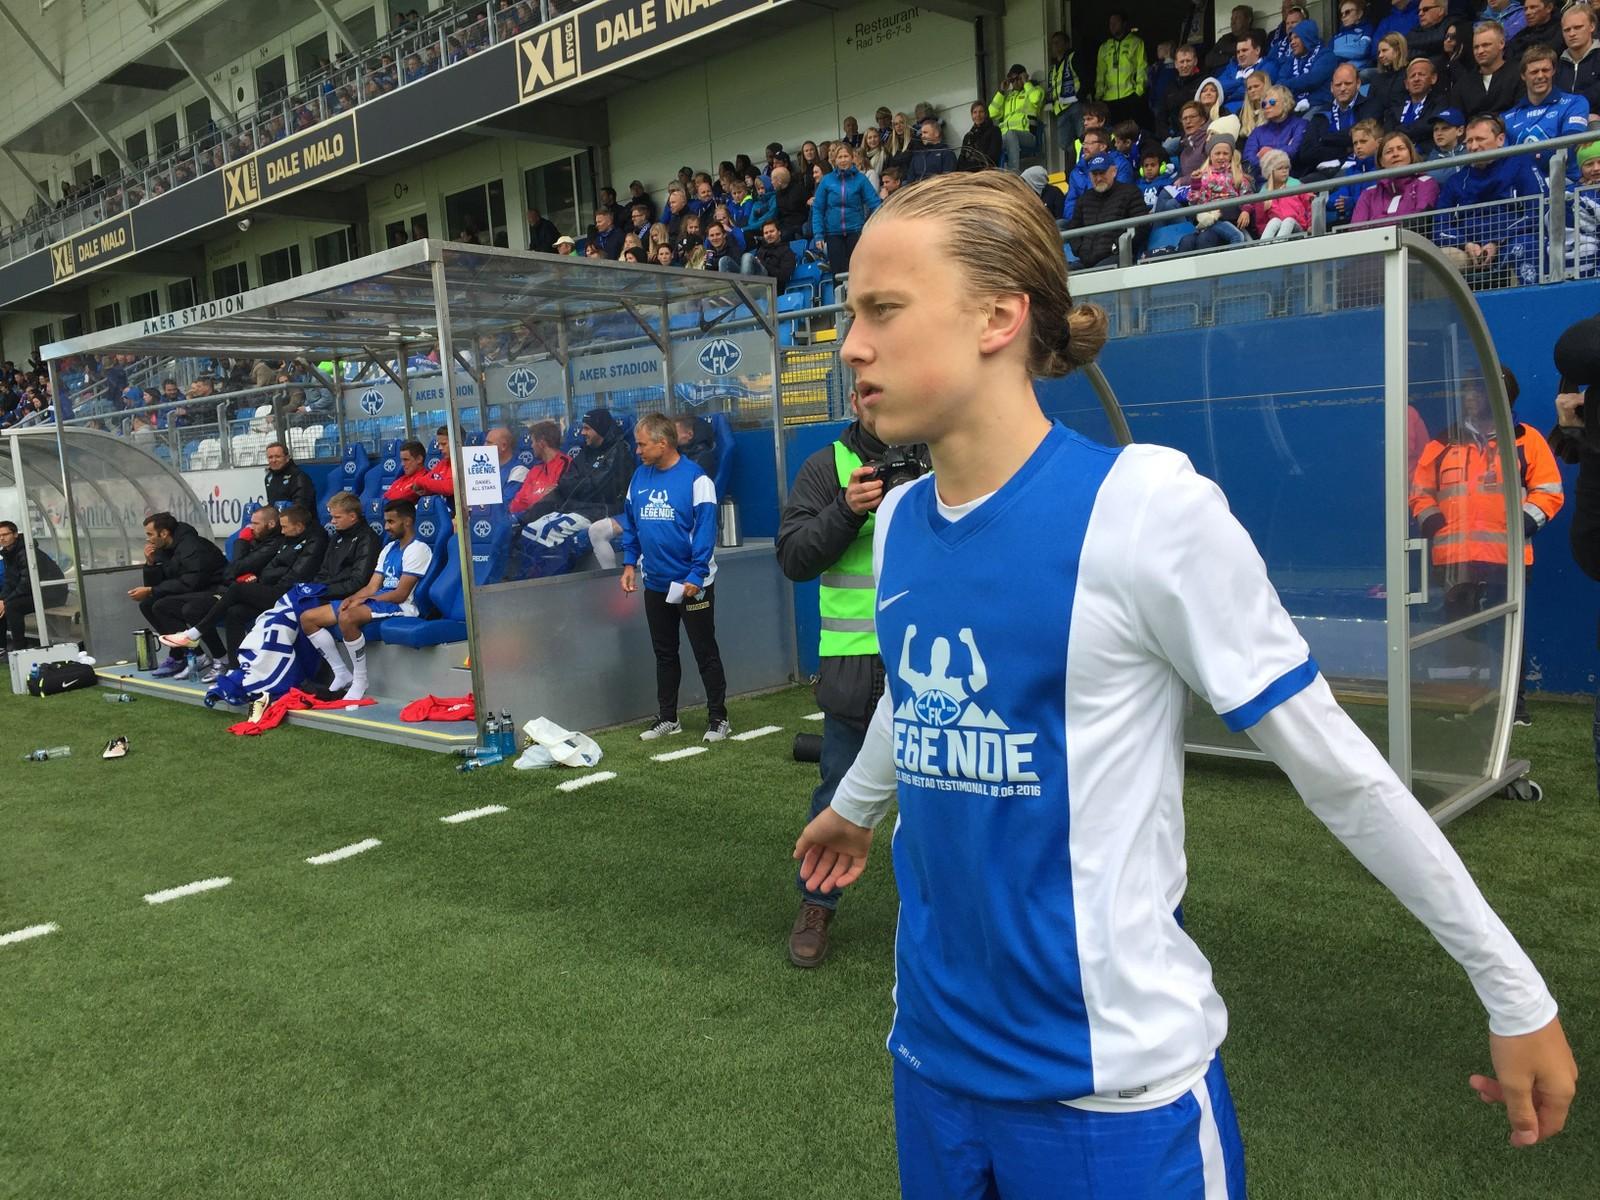 SØNN: Molde-legendens sønn, Tobias Hestad, blir byttet inn.